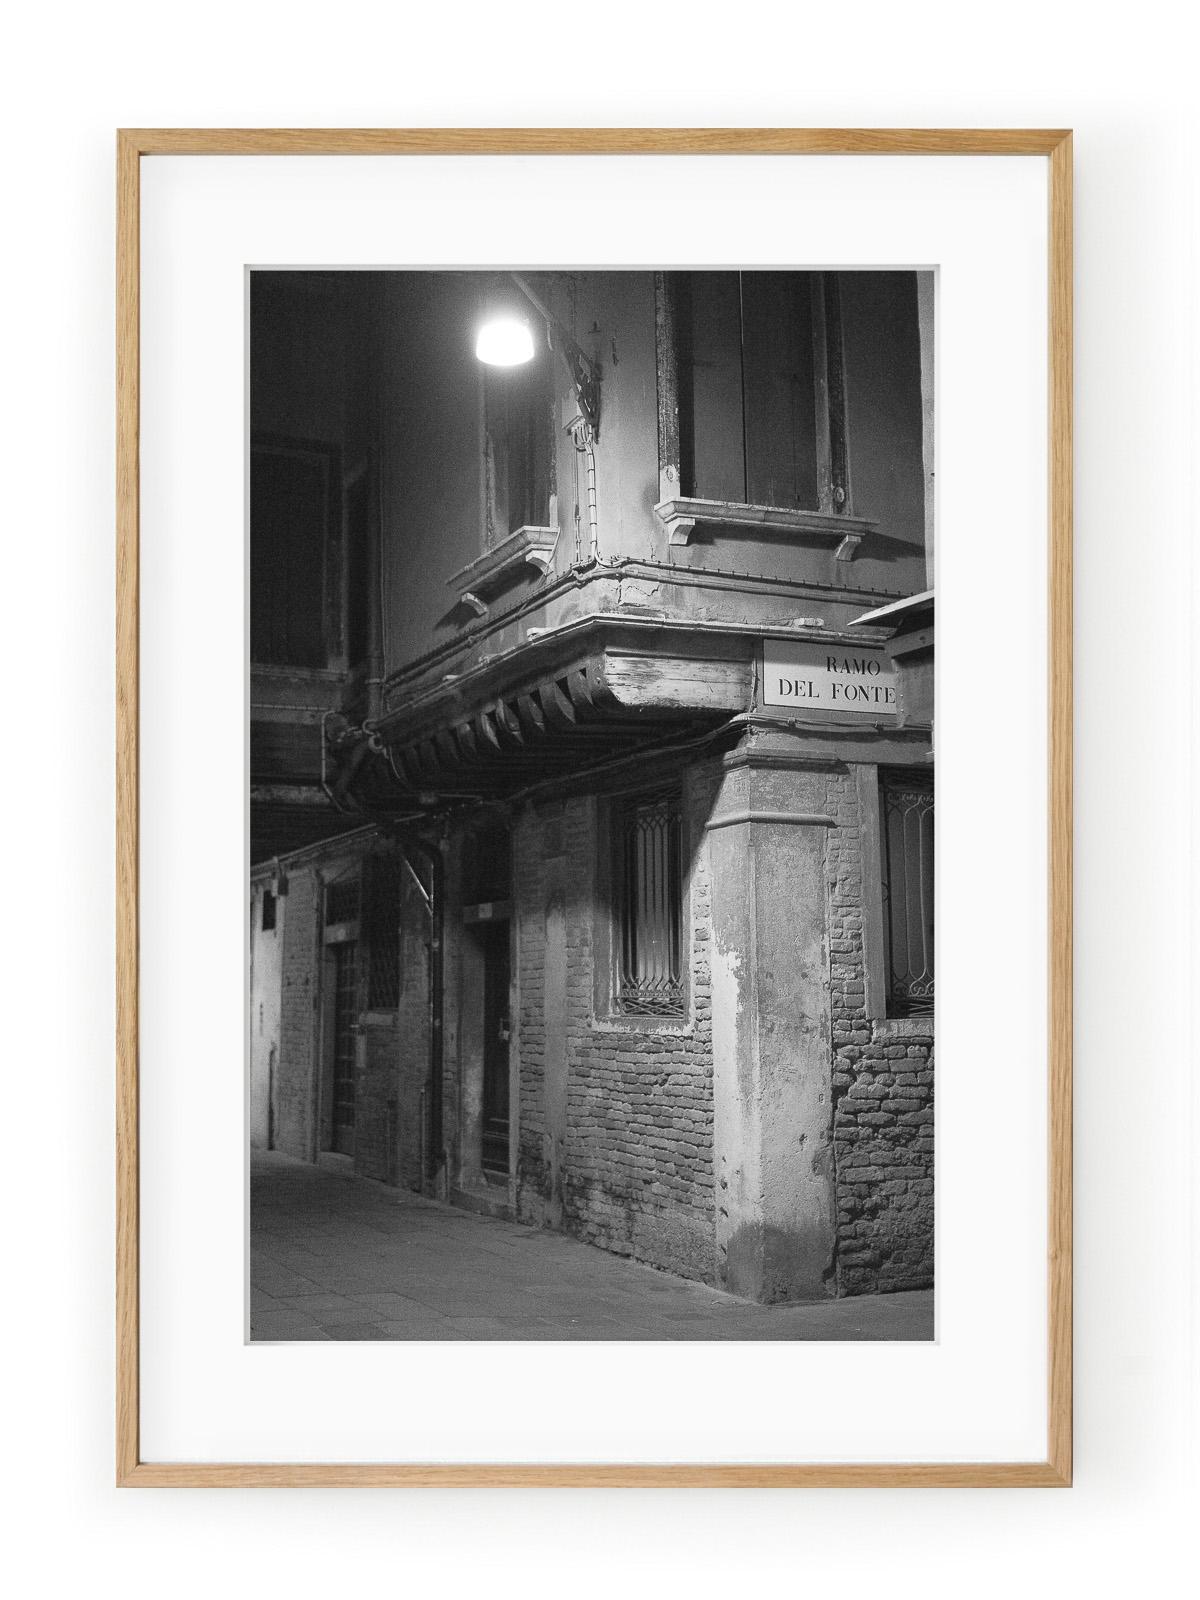 Tablou Venezia di Notte Ramo del Fonte Oak